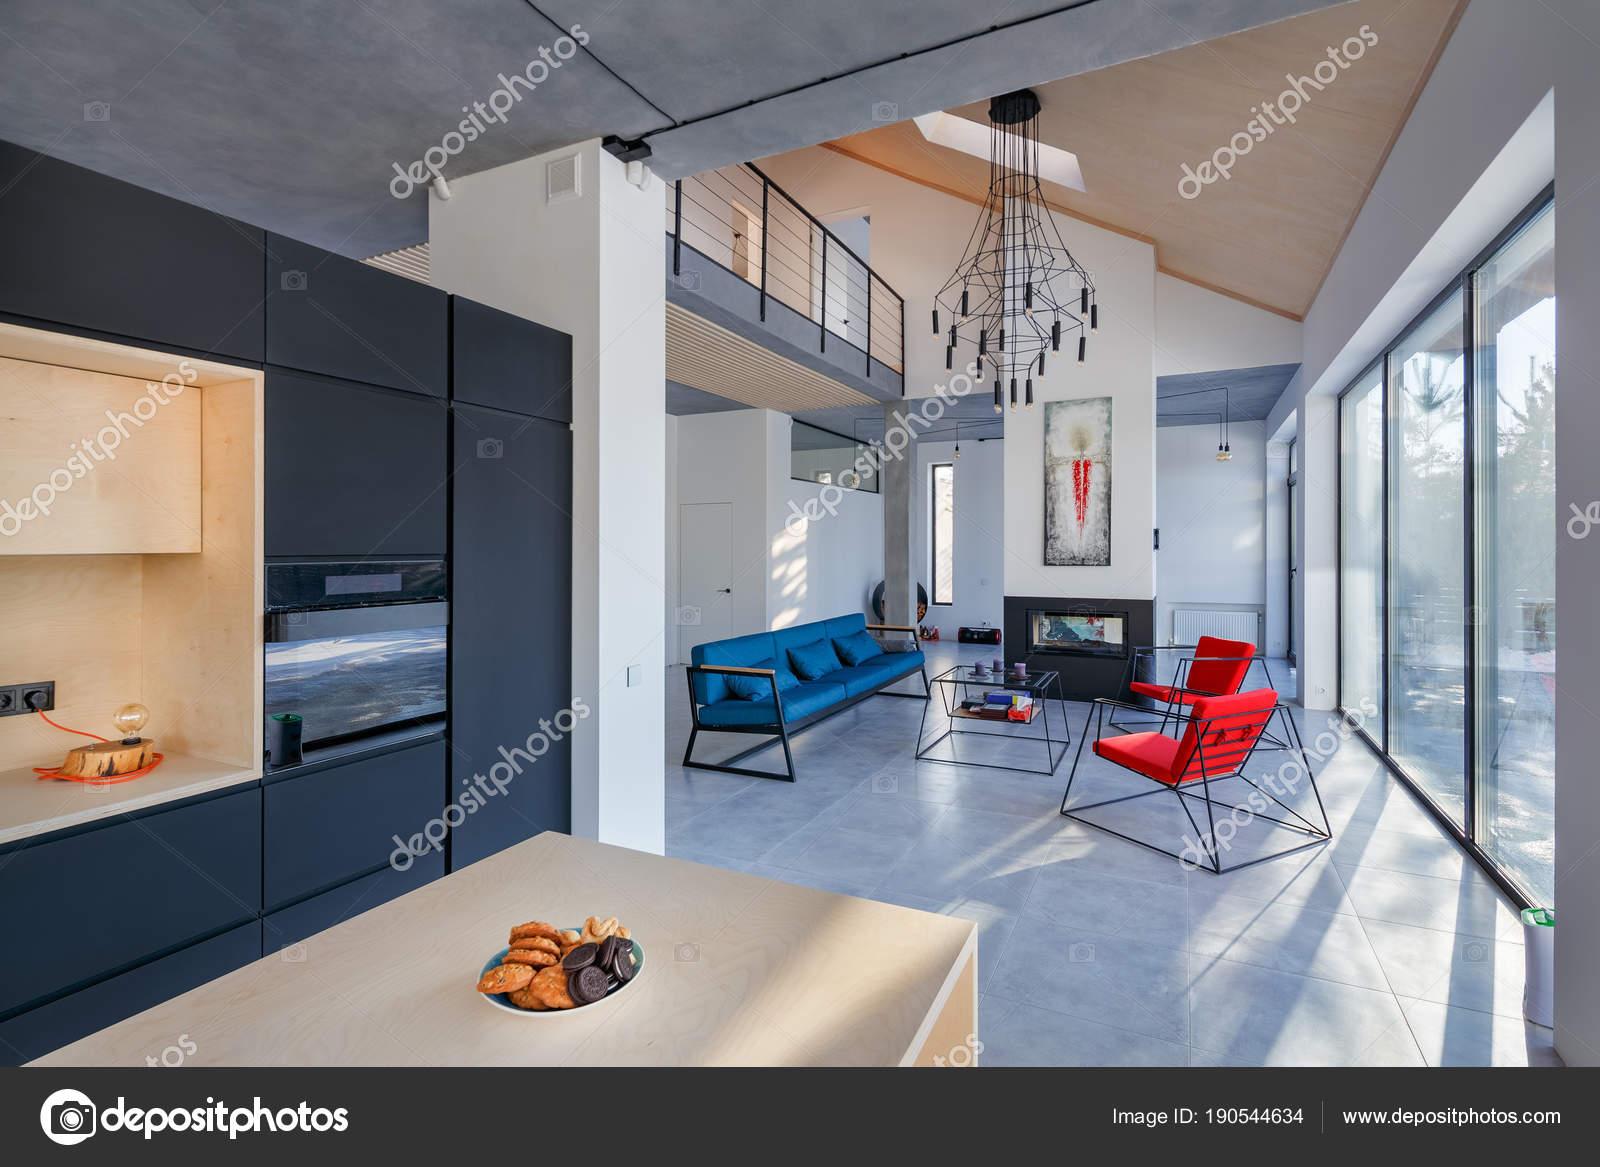 Interieur aus Wohnzimmer mit Küche; Kamin und schöne — Stockfoto ...